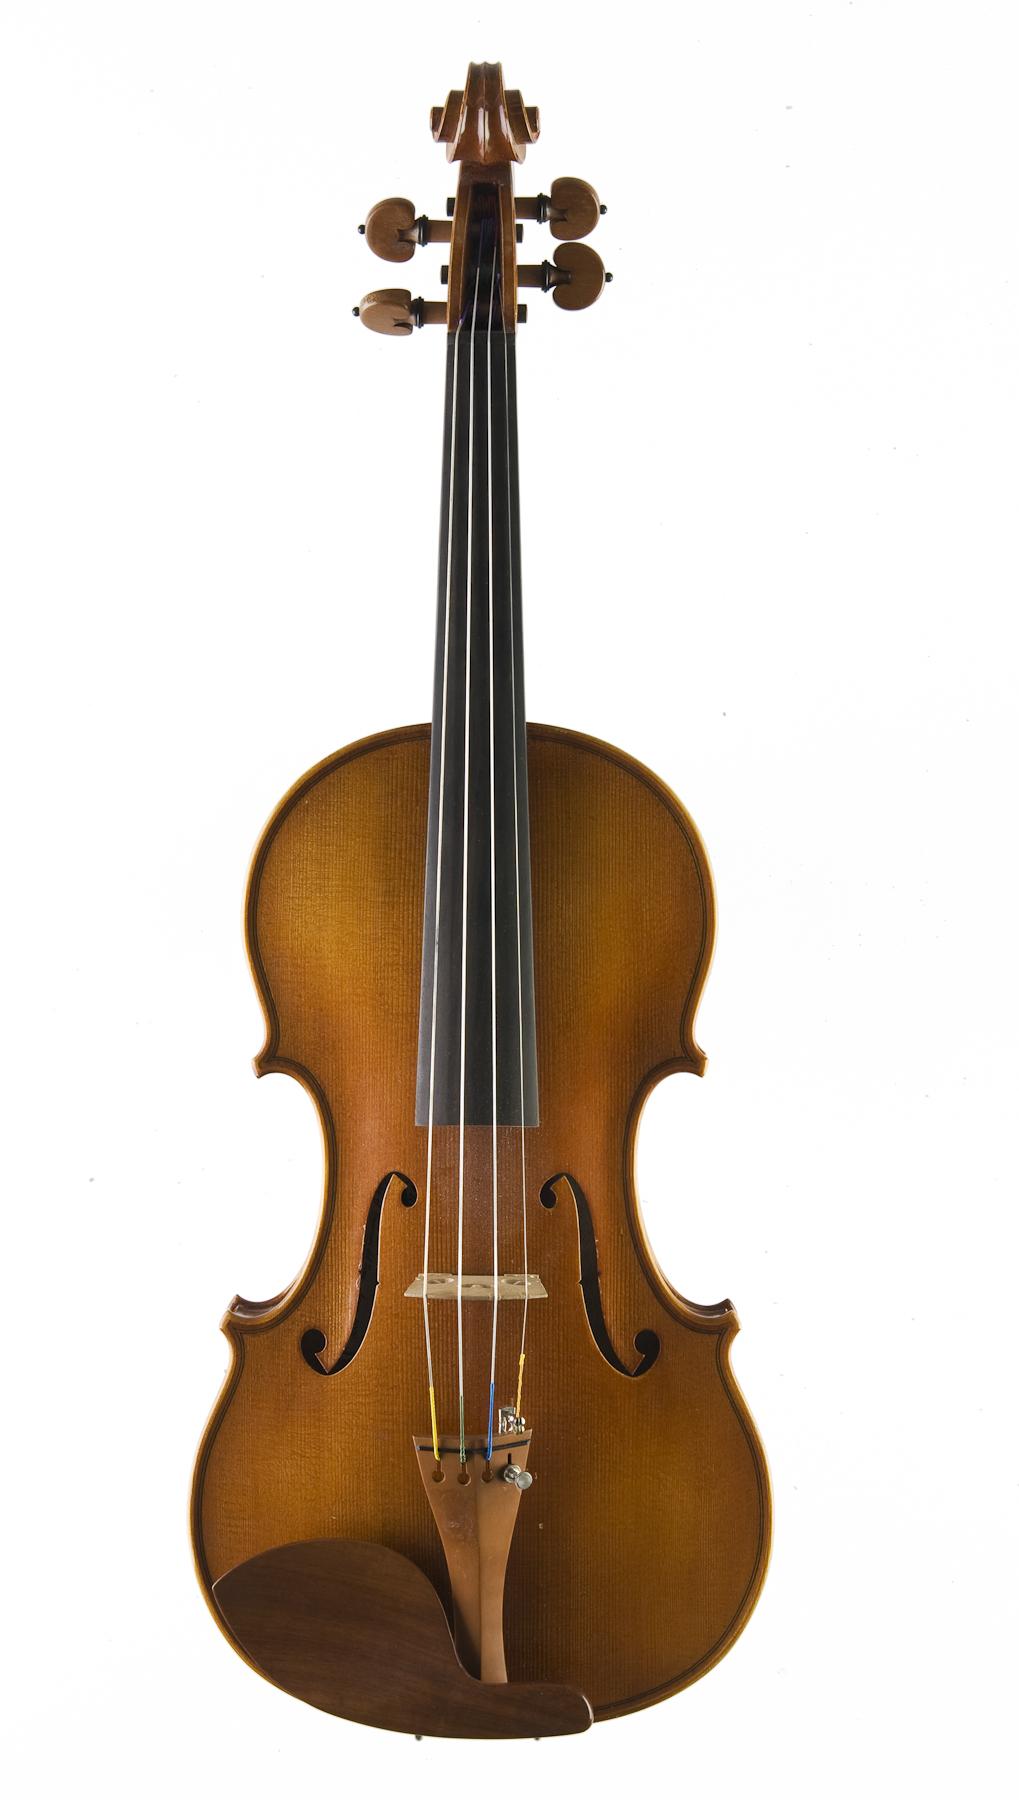 Goodrich Violins